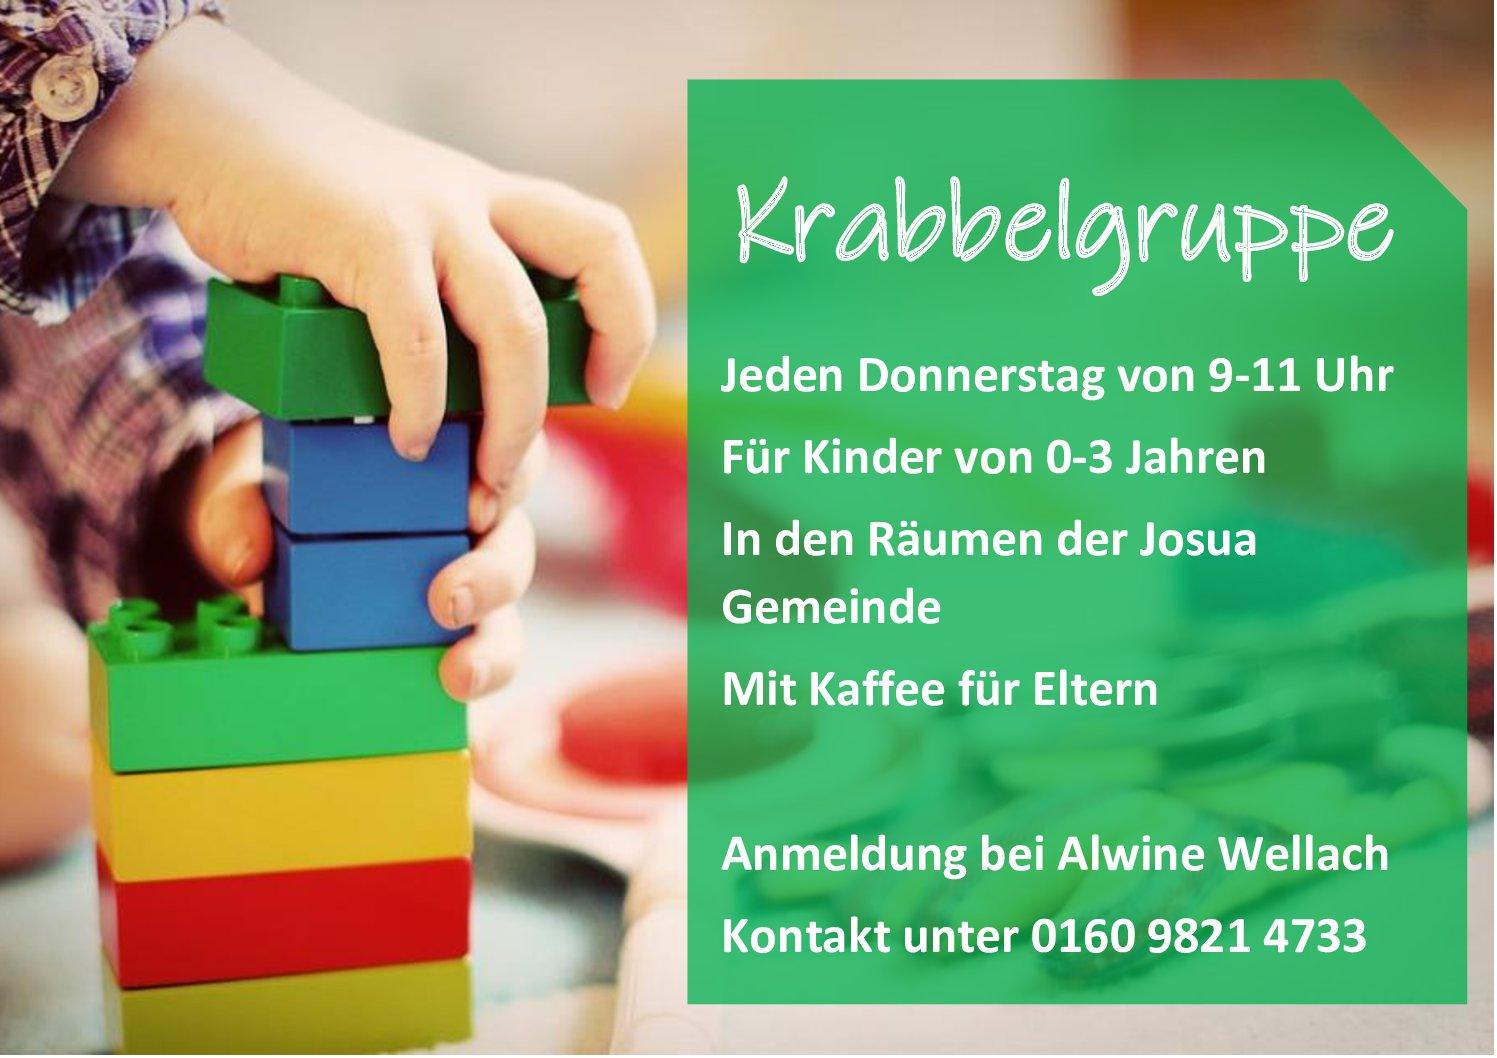 Flyer Krabbelgruppe